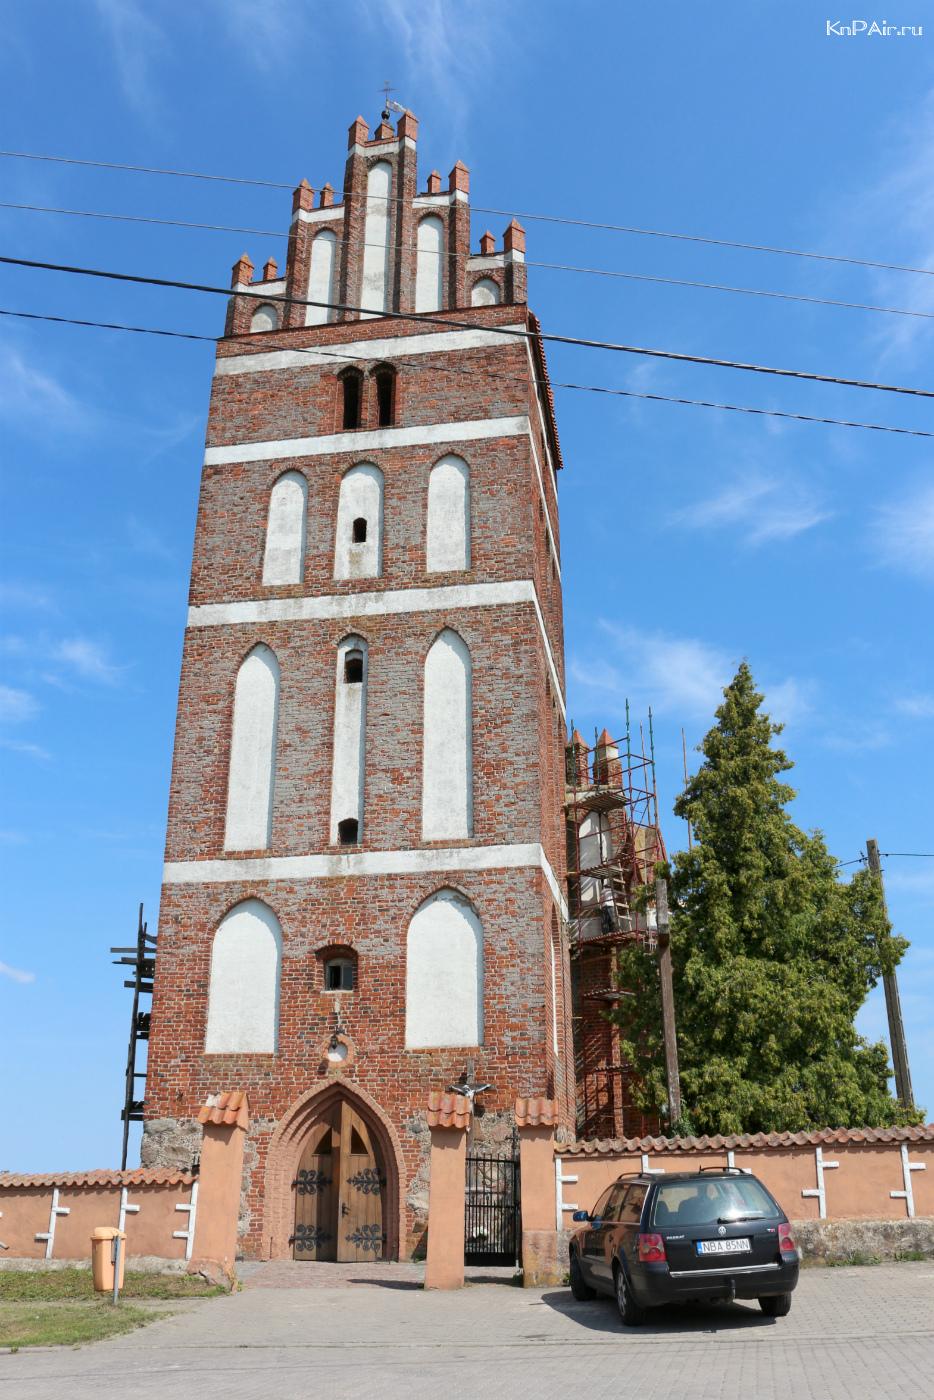 Kostel-v-Saropah-v-Polshe